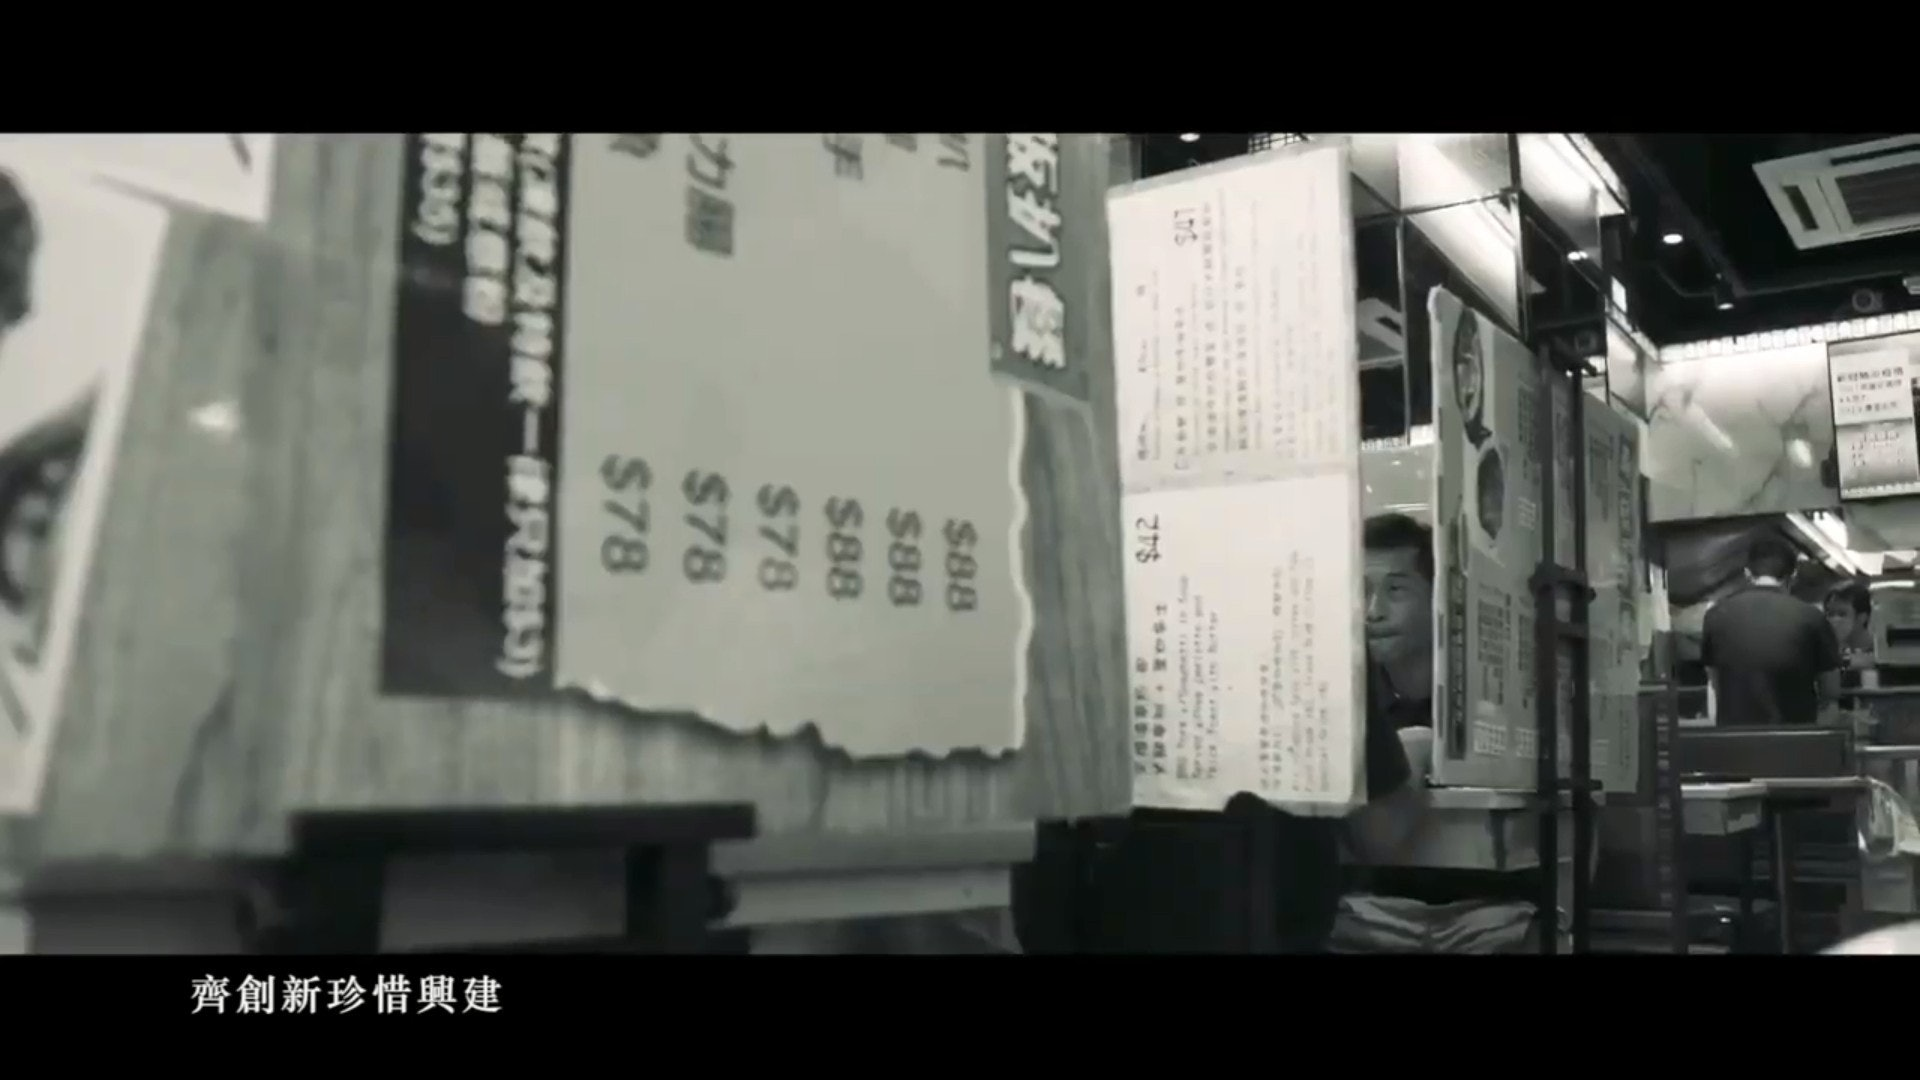 有市民出外用餐需要以餐牌築起圍板的畫面。(影片截圖)